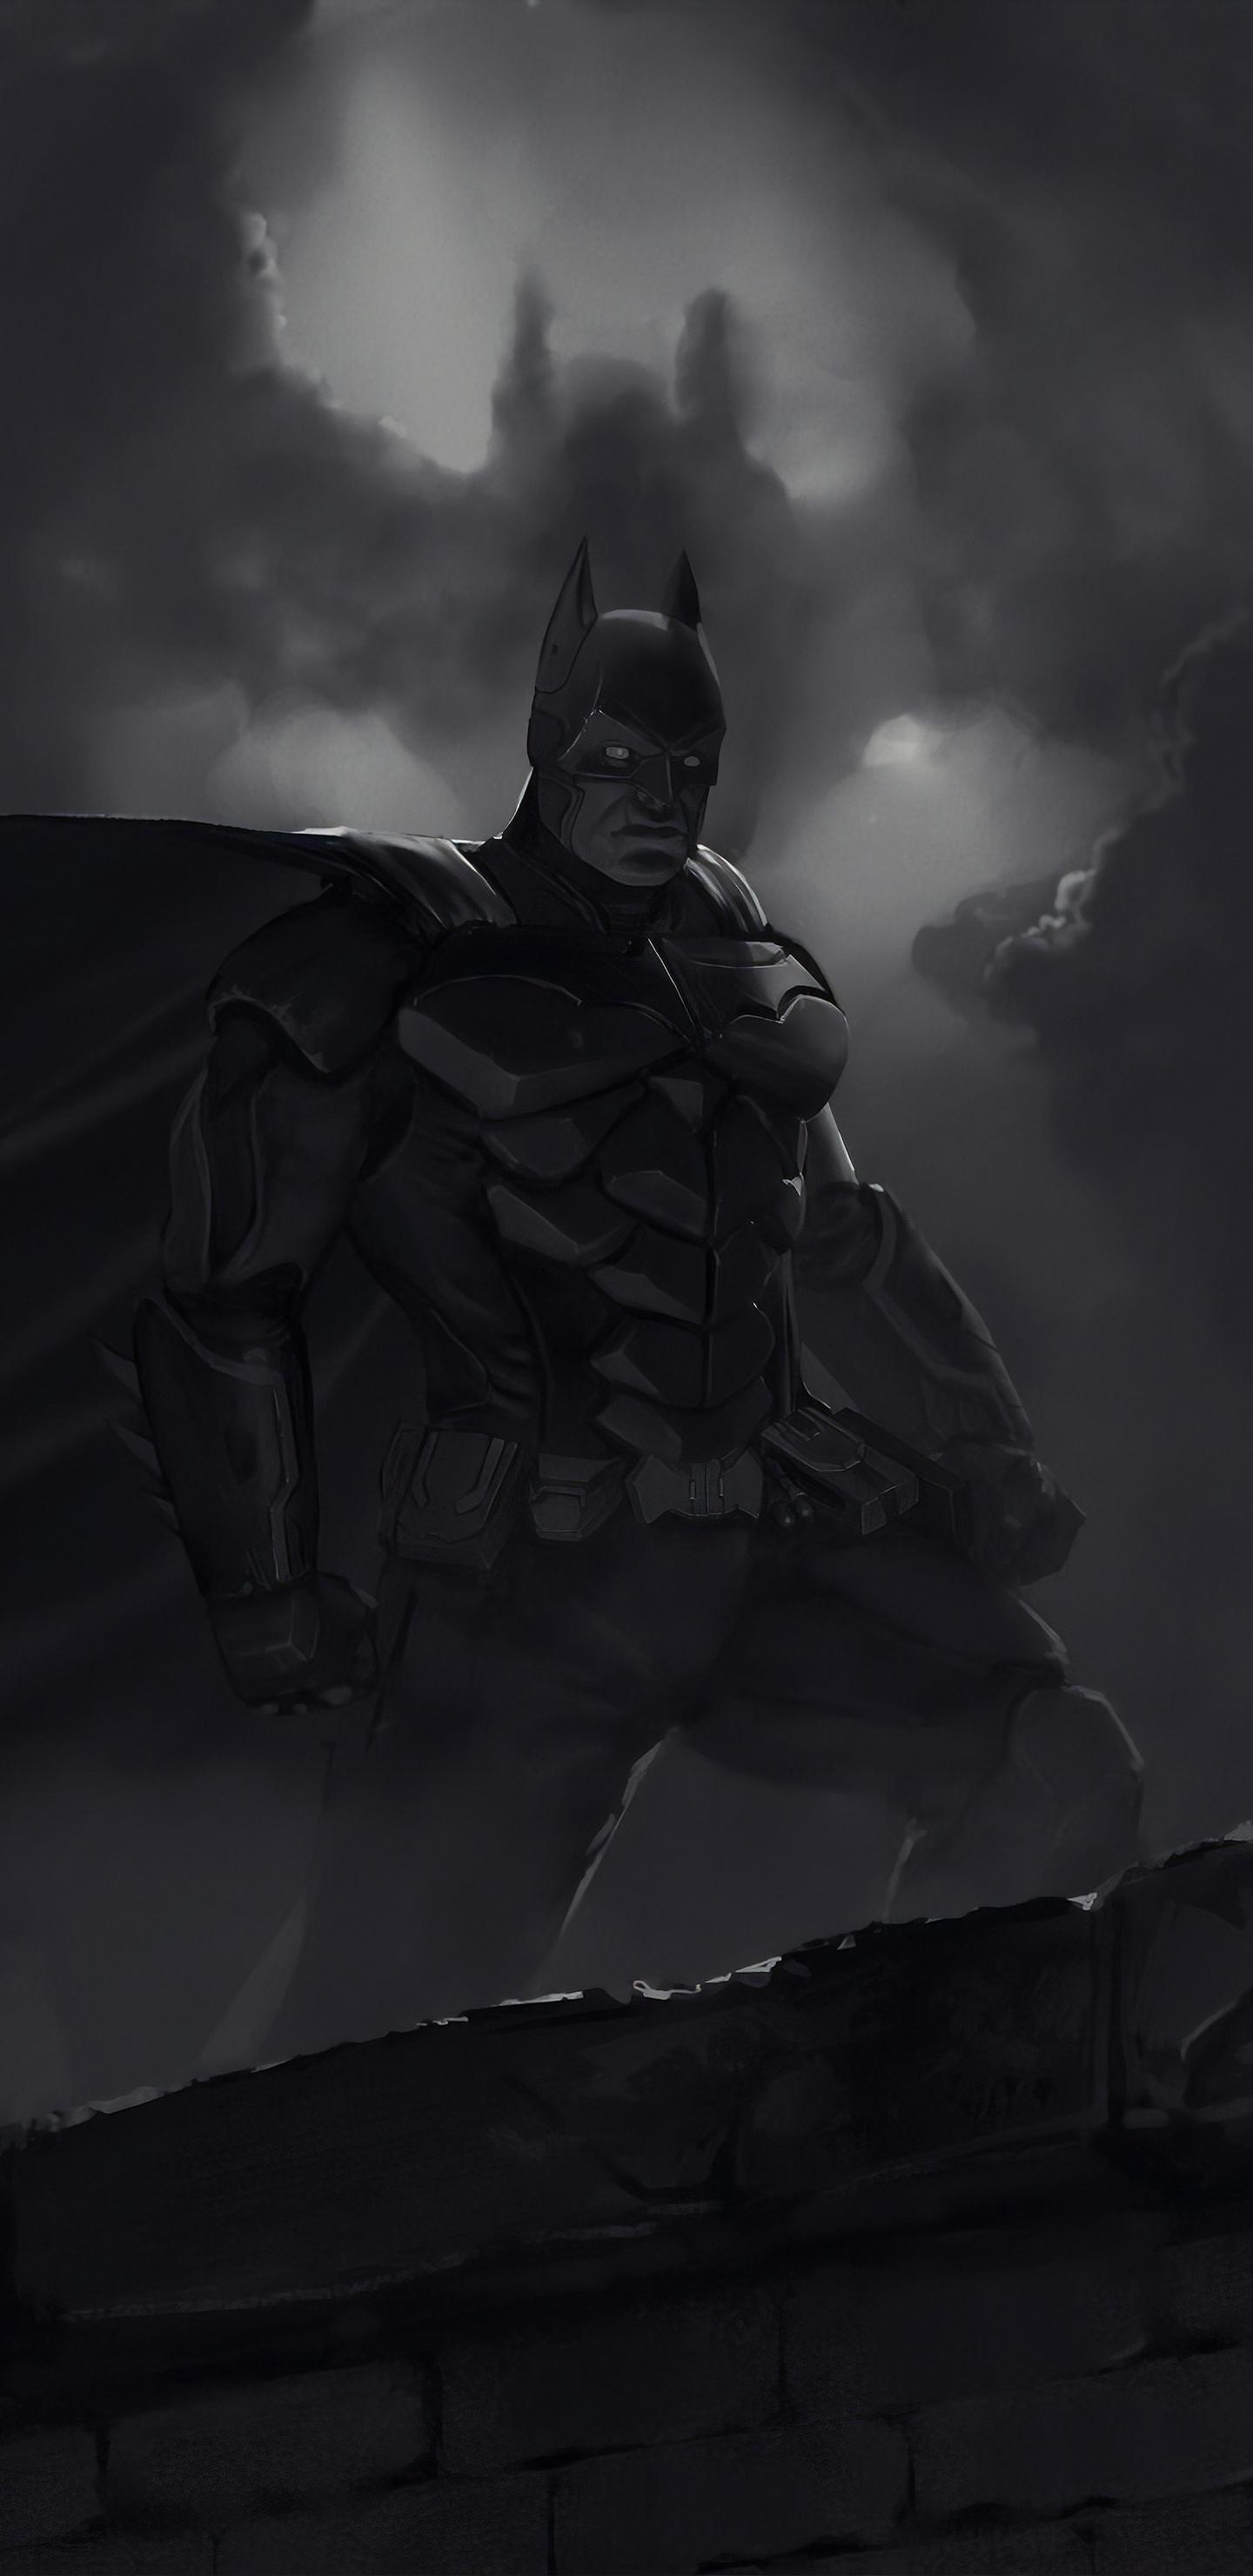 1440x2960 Batman Dark Knight 4k Art Samsung Galaxy Note 98